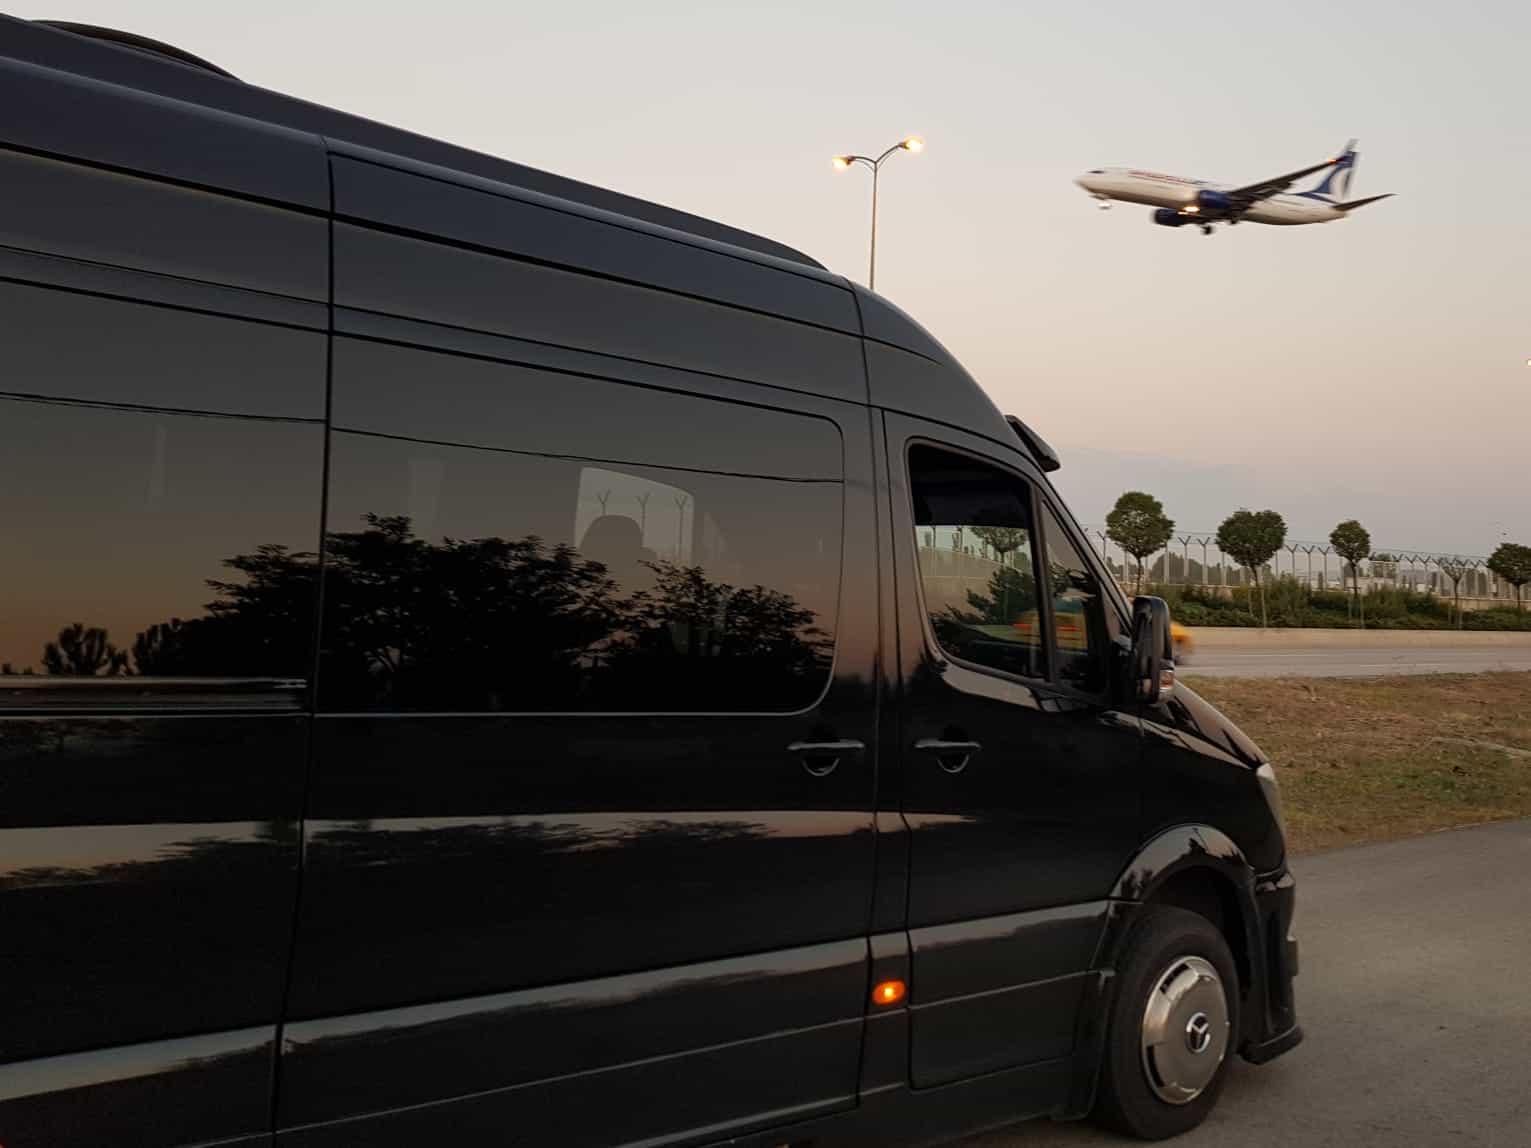 سيارات للايجار من المسافرون العرب - تركيا (20)